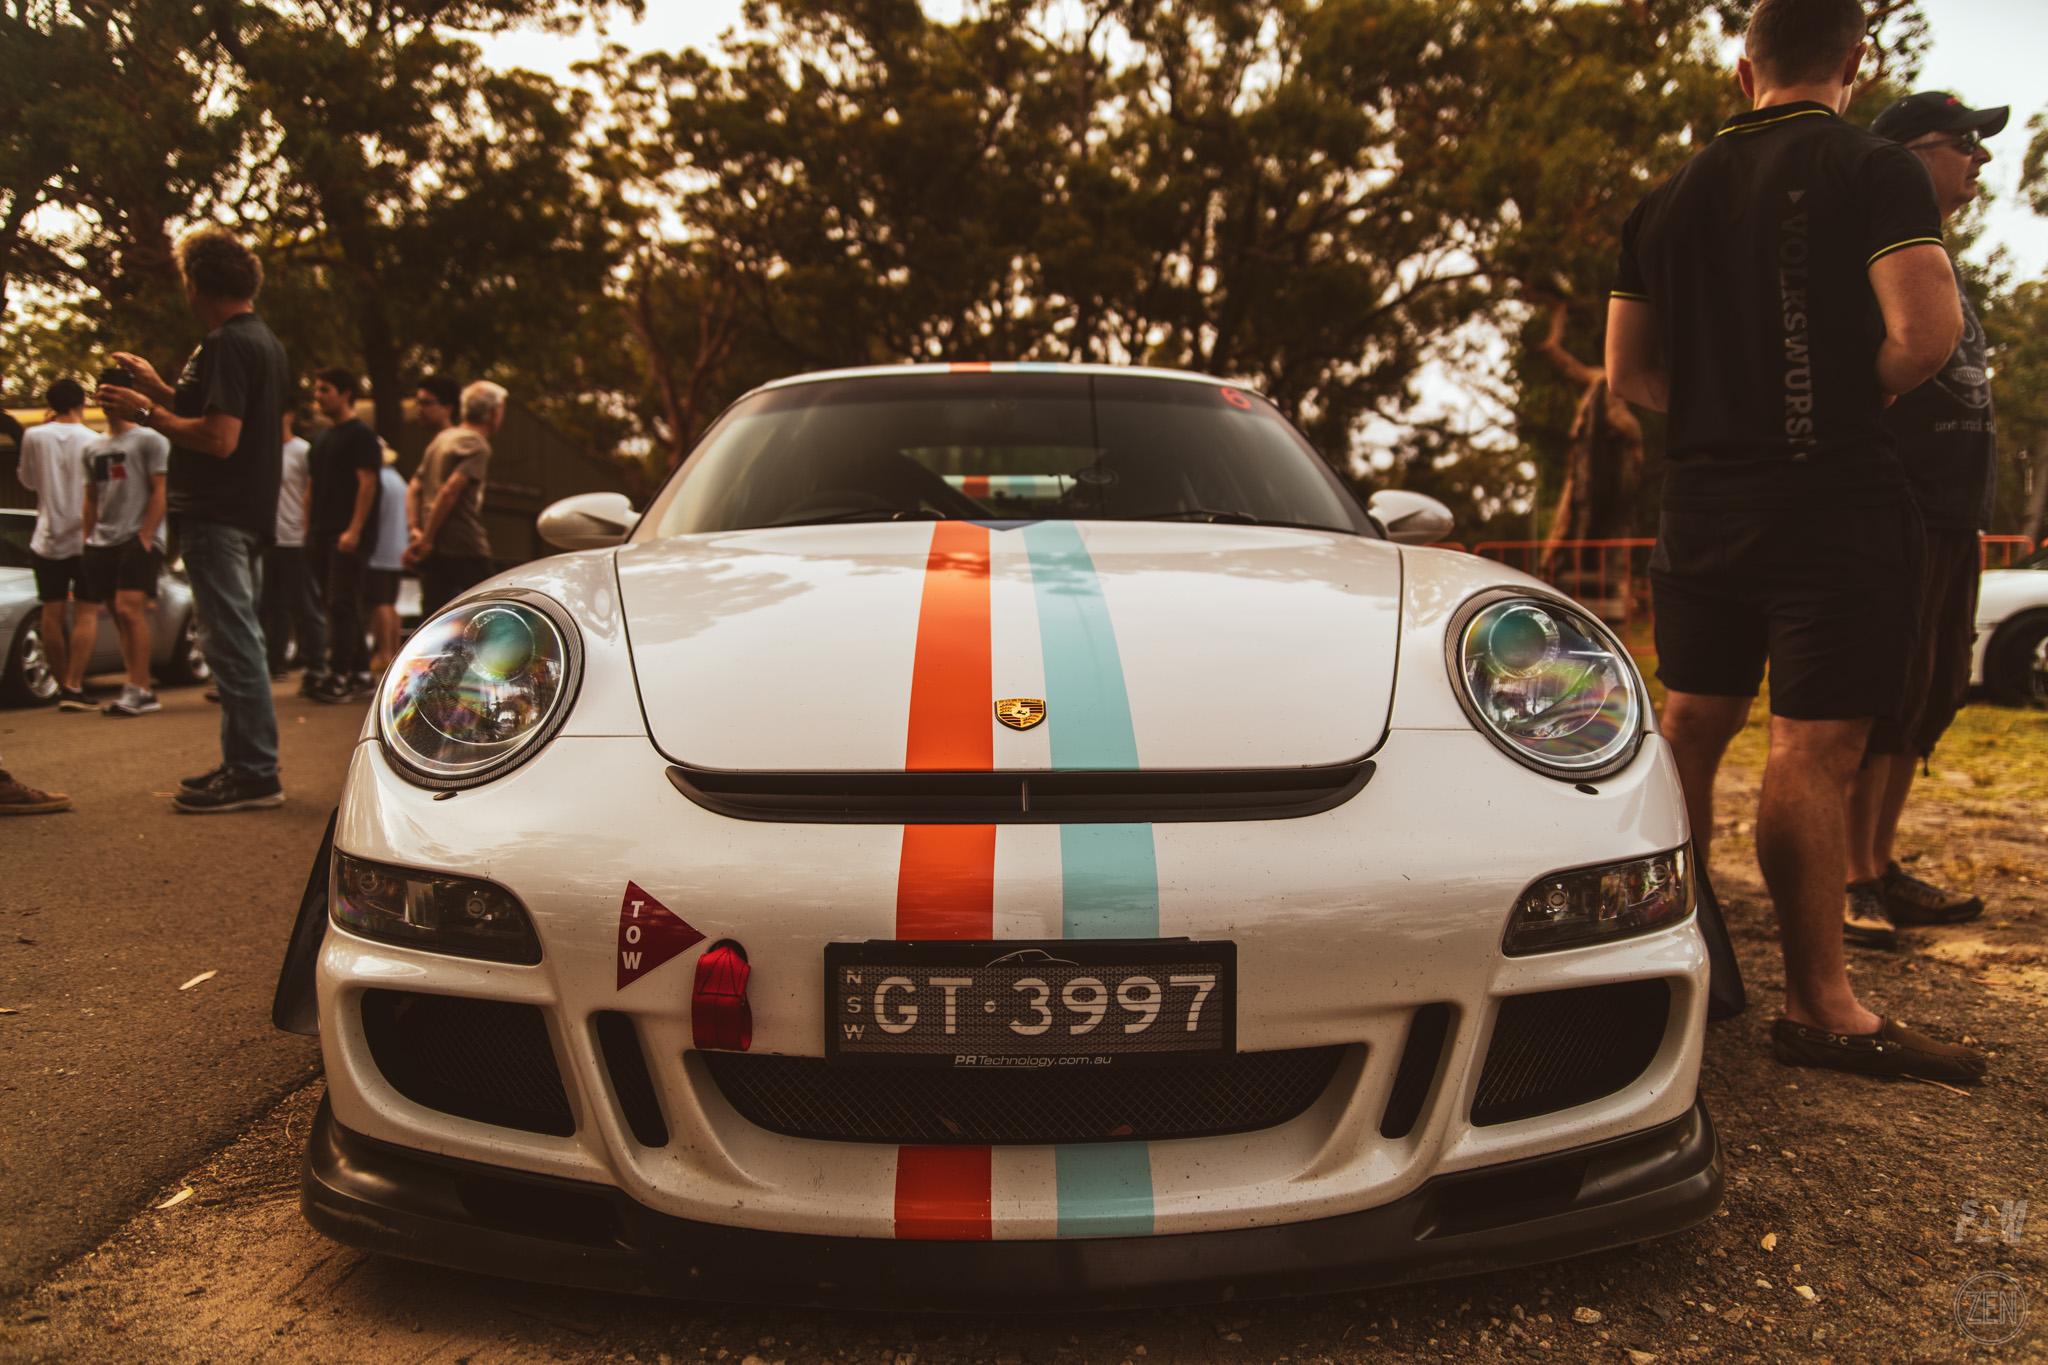 2019-12-08 - Porsches & Coffee 035